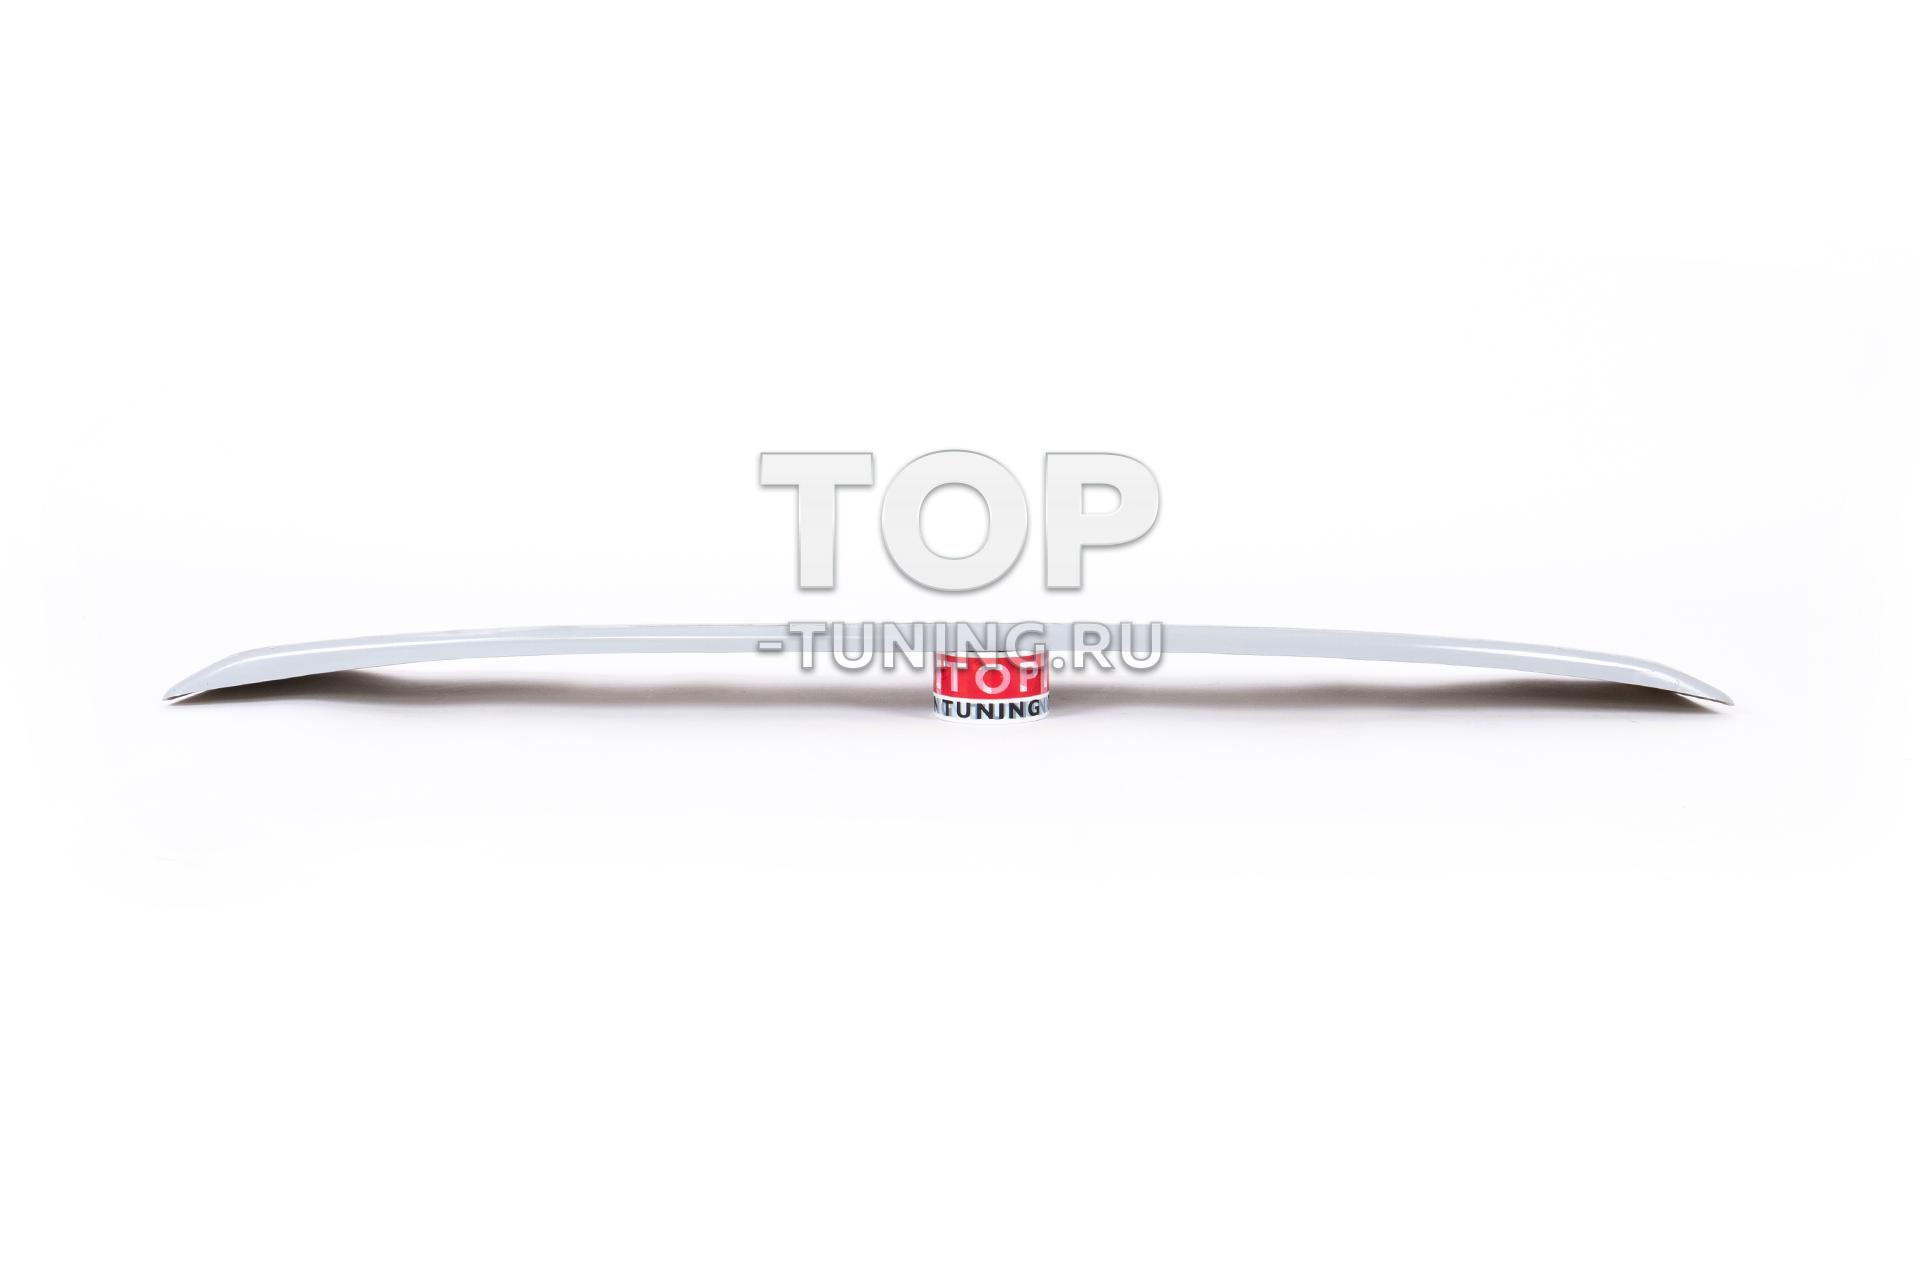 465 Козырек на заднее стекло Top-Tuning на Honda Prelude 5